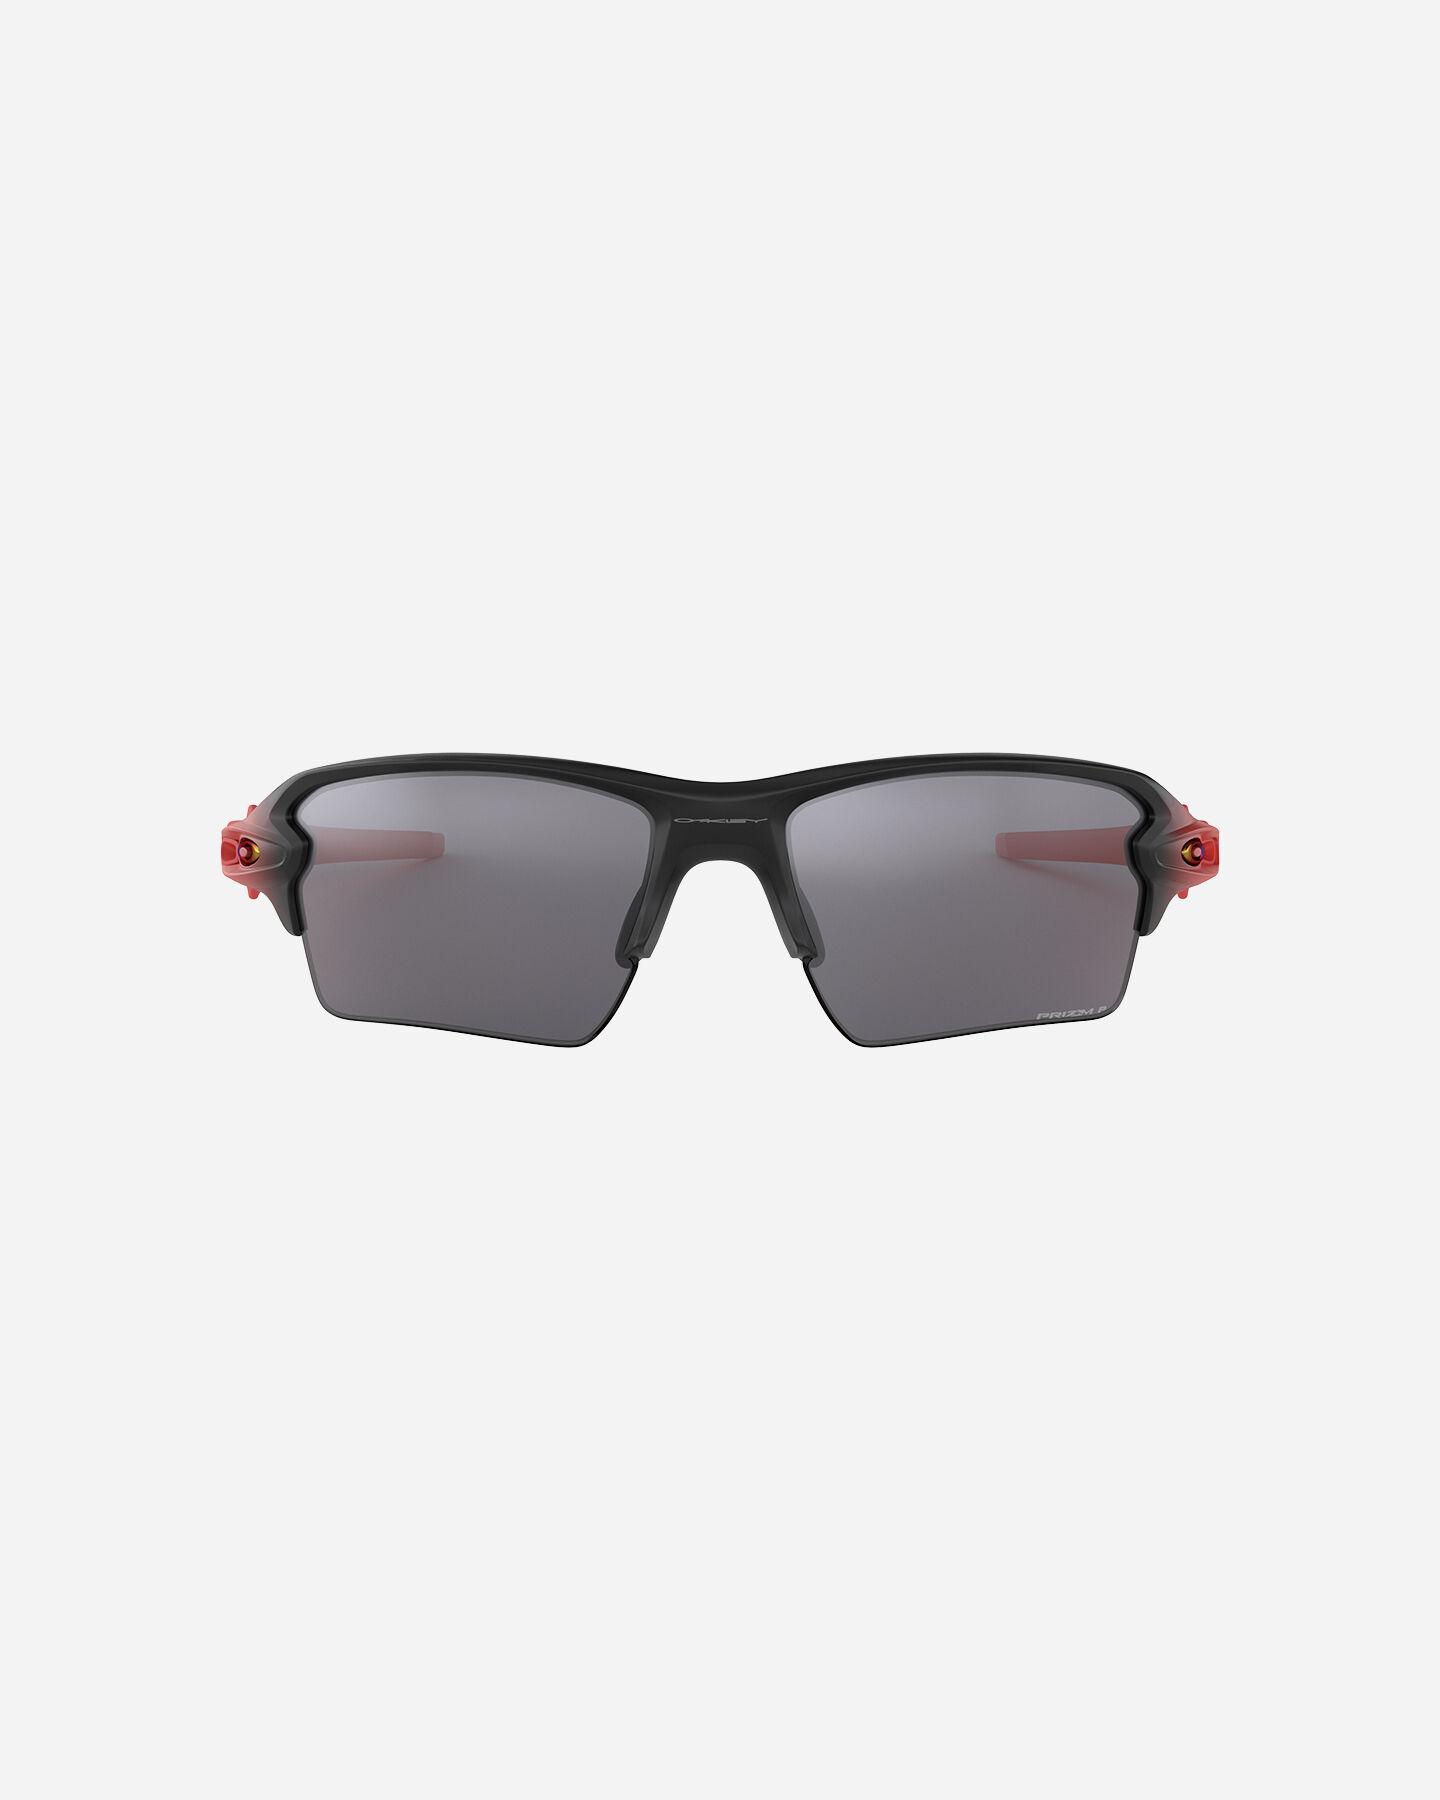 Occhiali OAKLEY FLAK 2.0 XL S5058771|8659|59 scatto 1